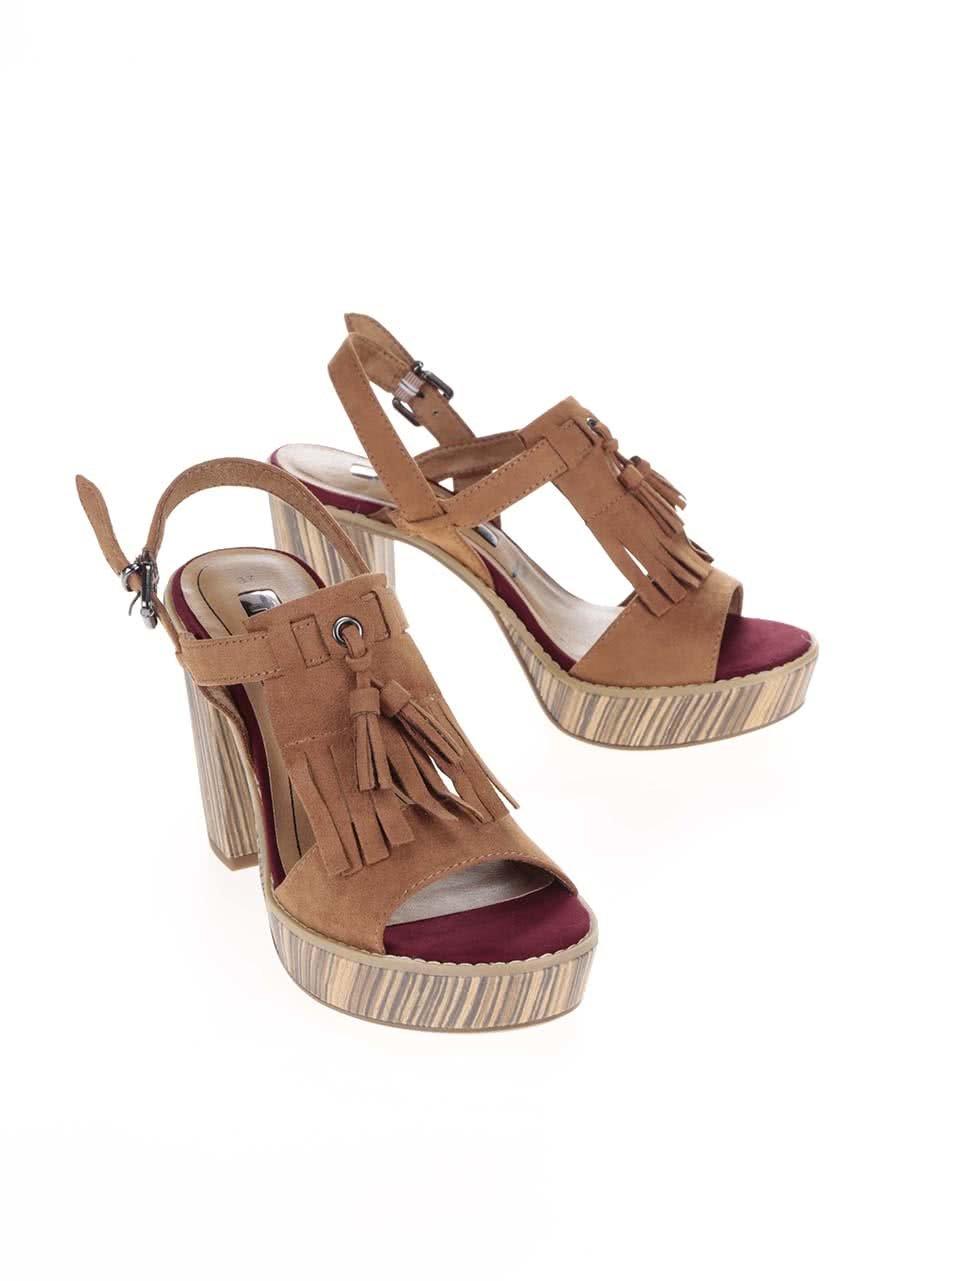 b86bdf98e38c Hnedé topánky na podpätku a platforme Tamaris ...